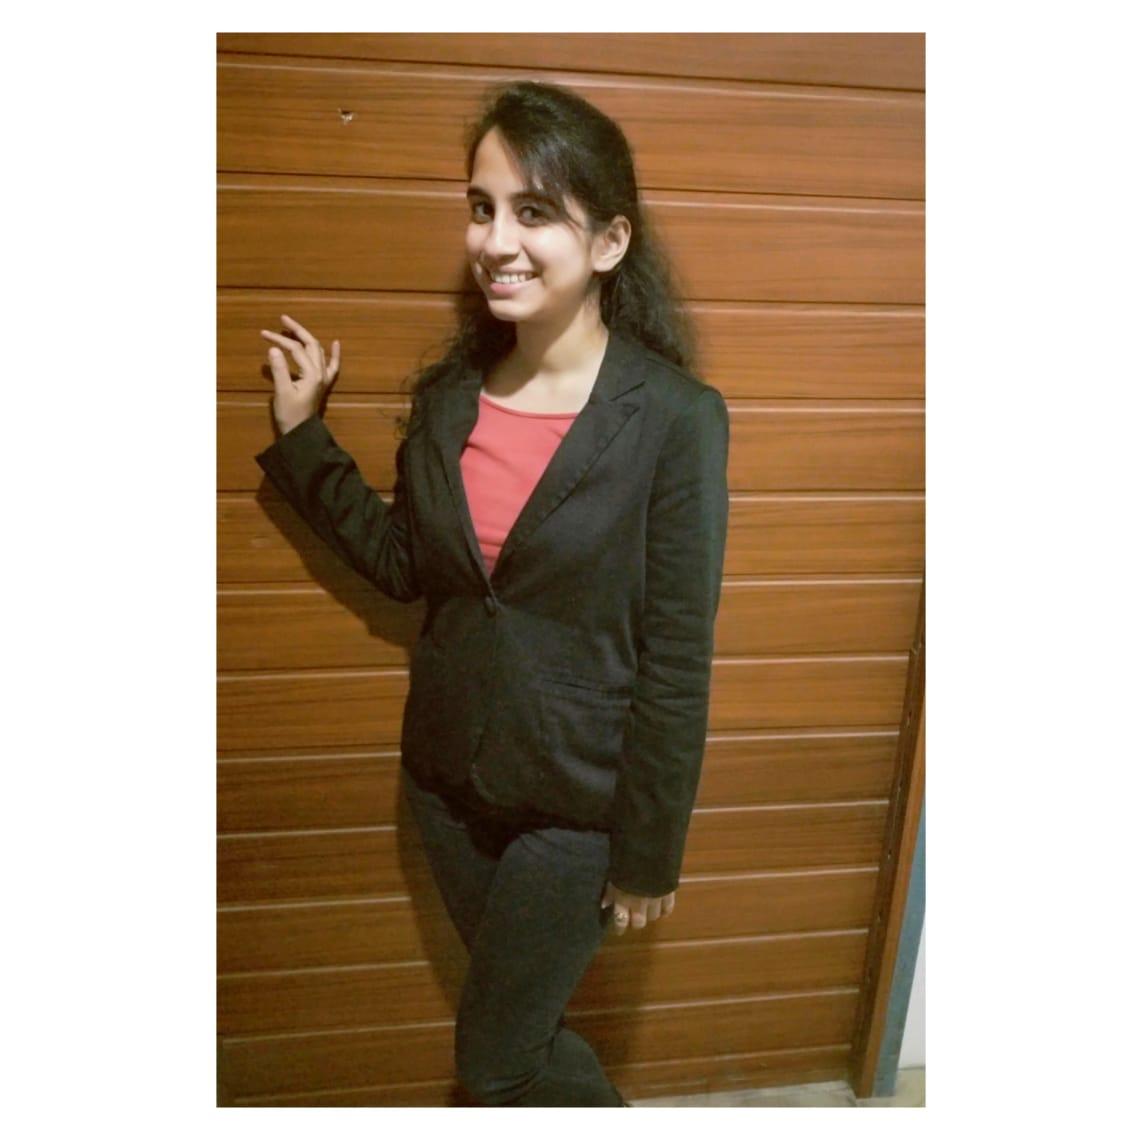 Priya Lohani